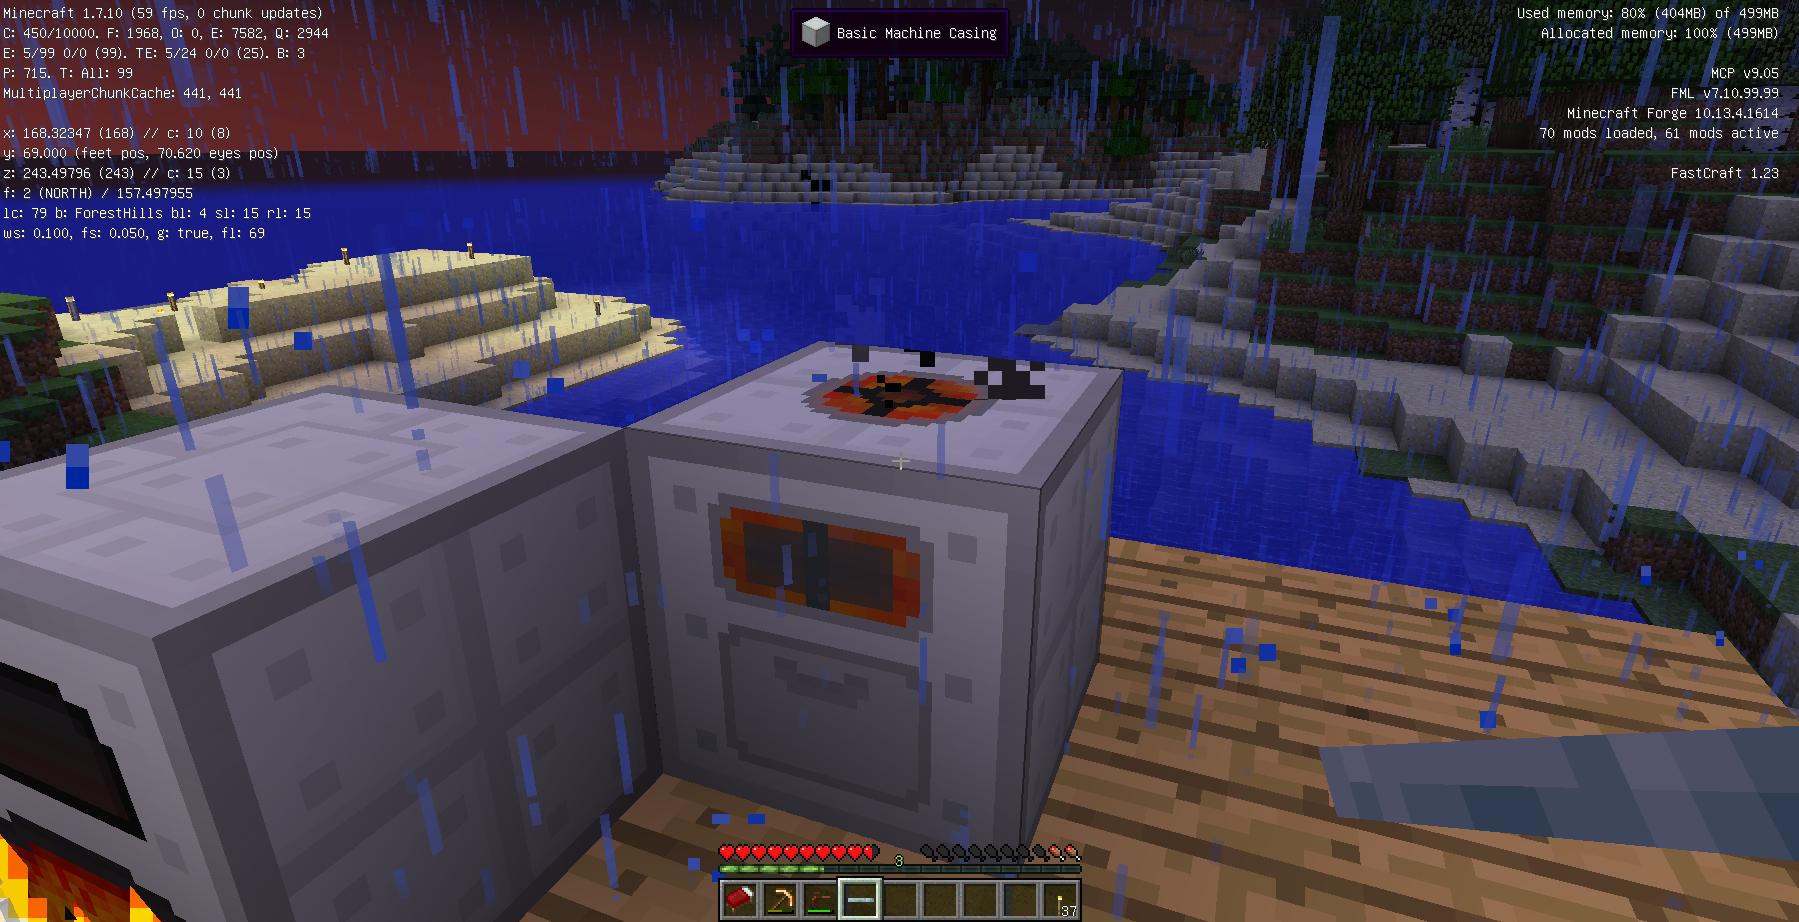 左が火力発電機、右が粉砕機